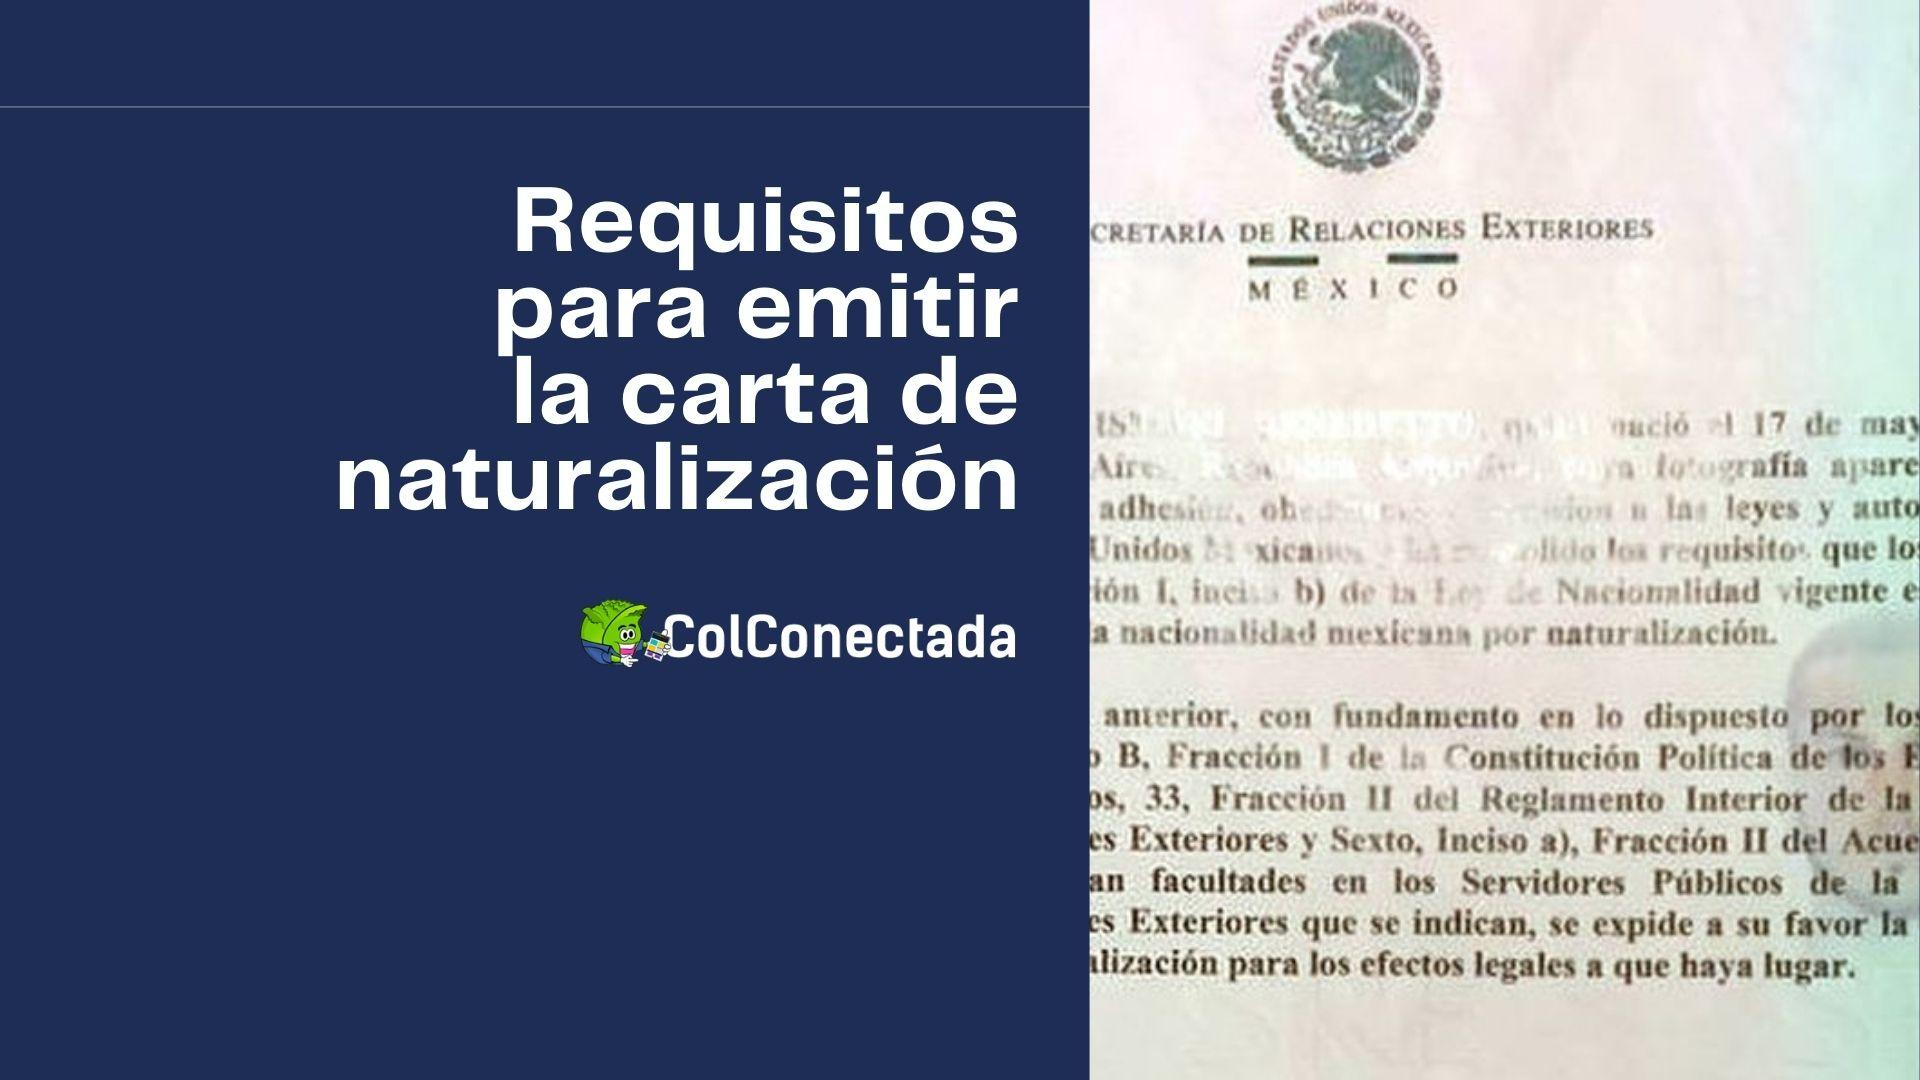 Emisión de la carta de naturalización para extranjeros 5